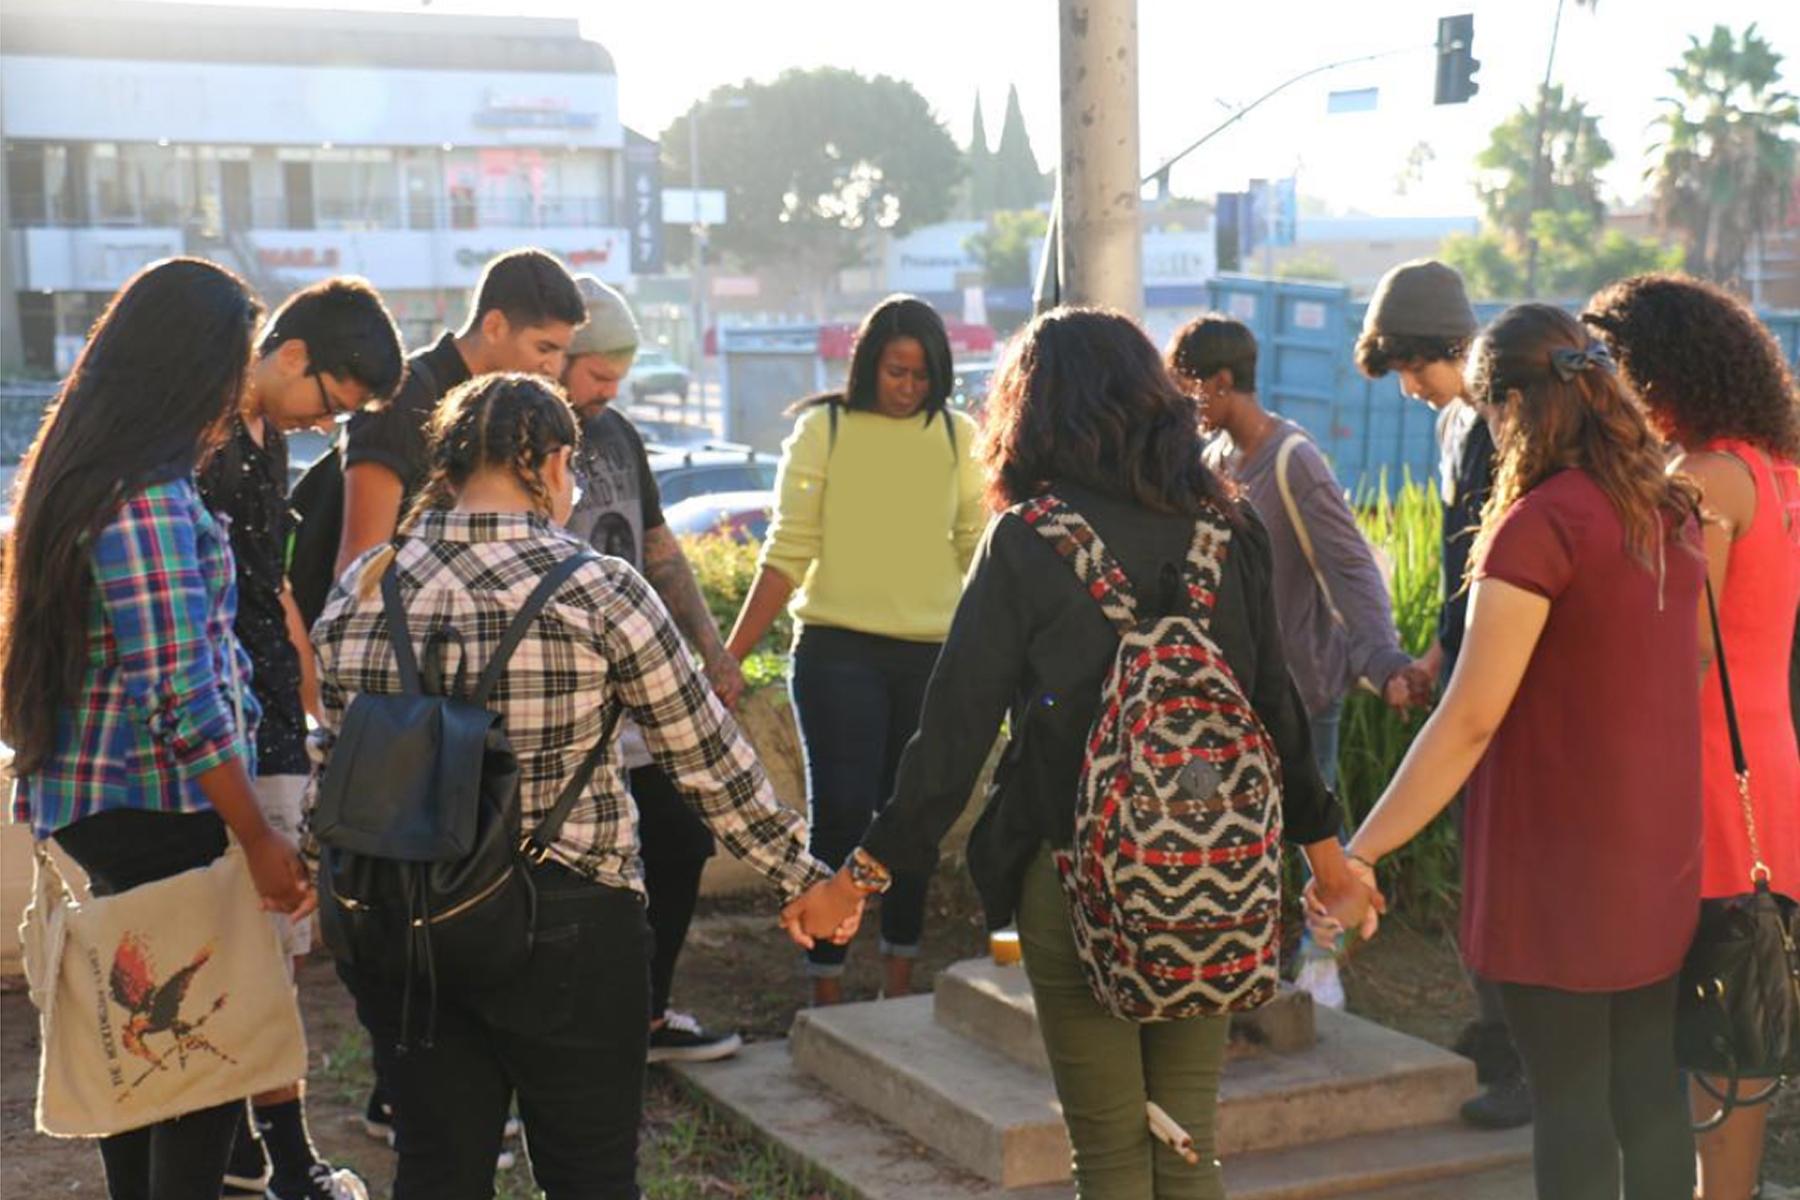 Американські студенти моляться коло флагштоку